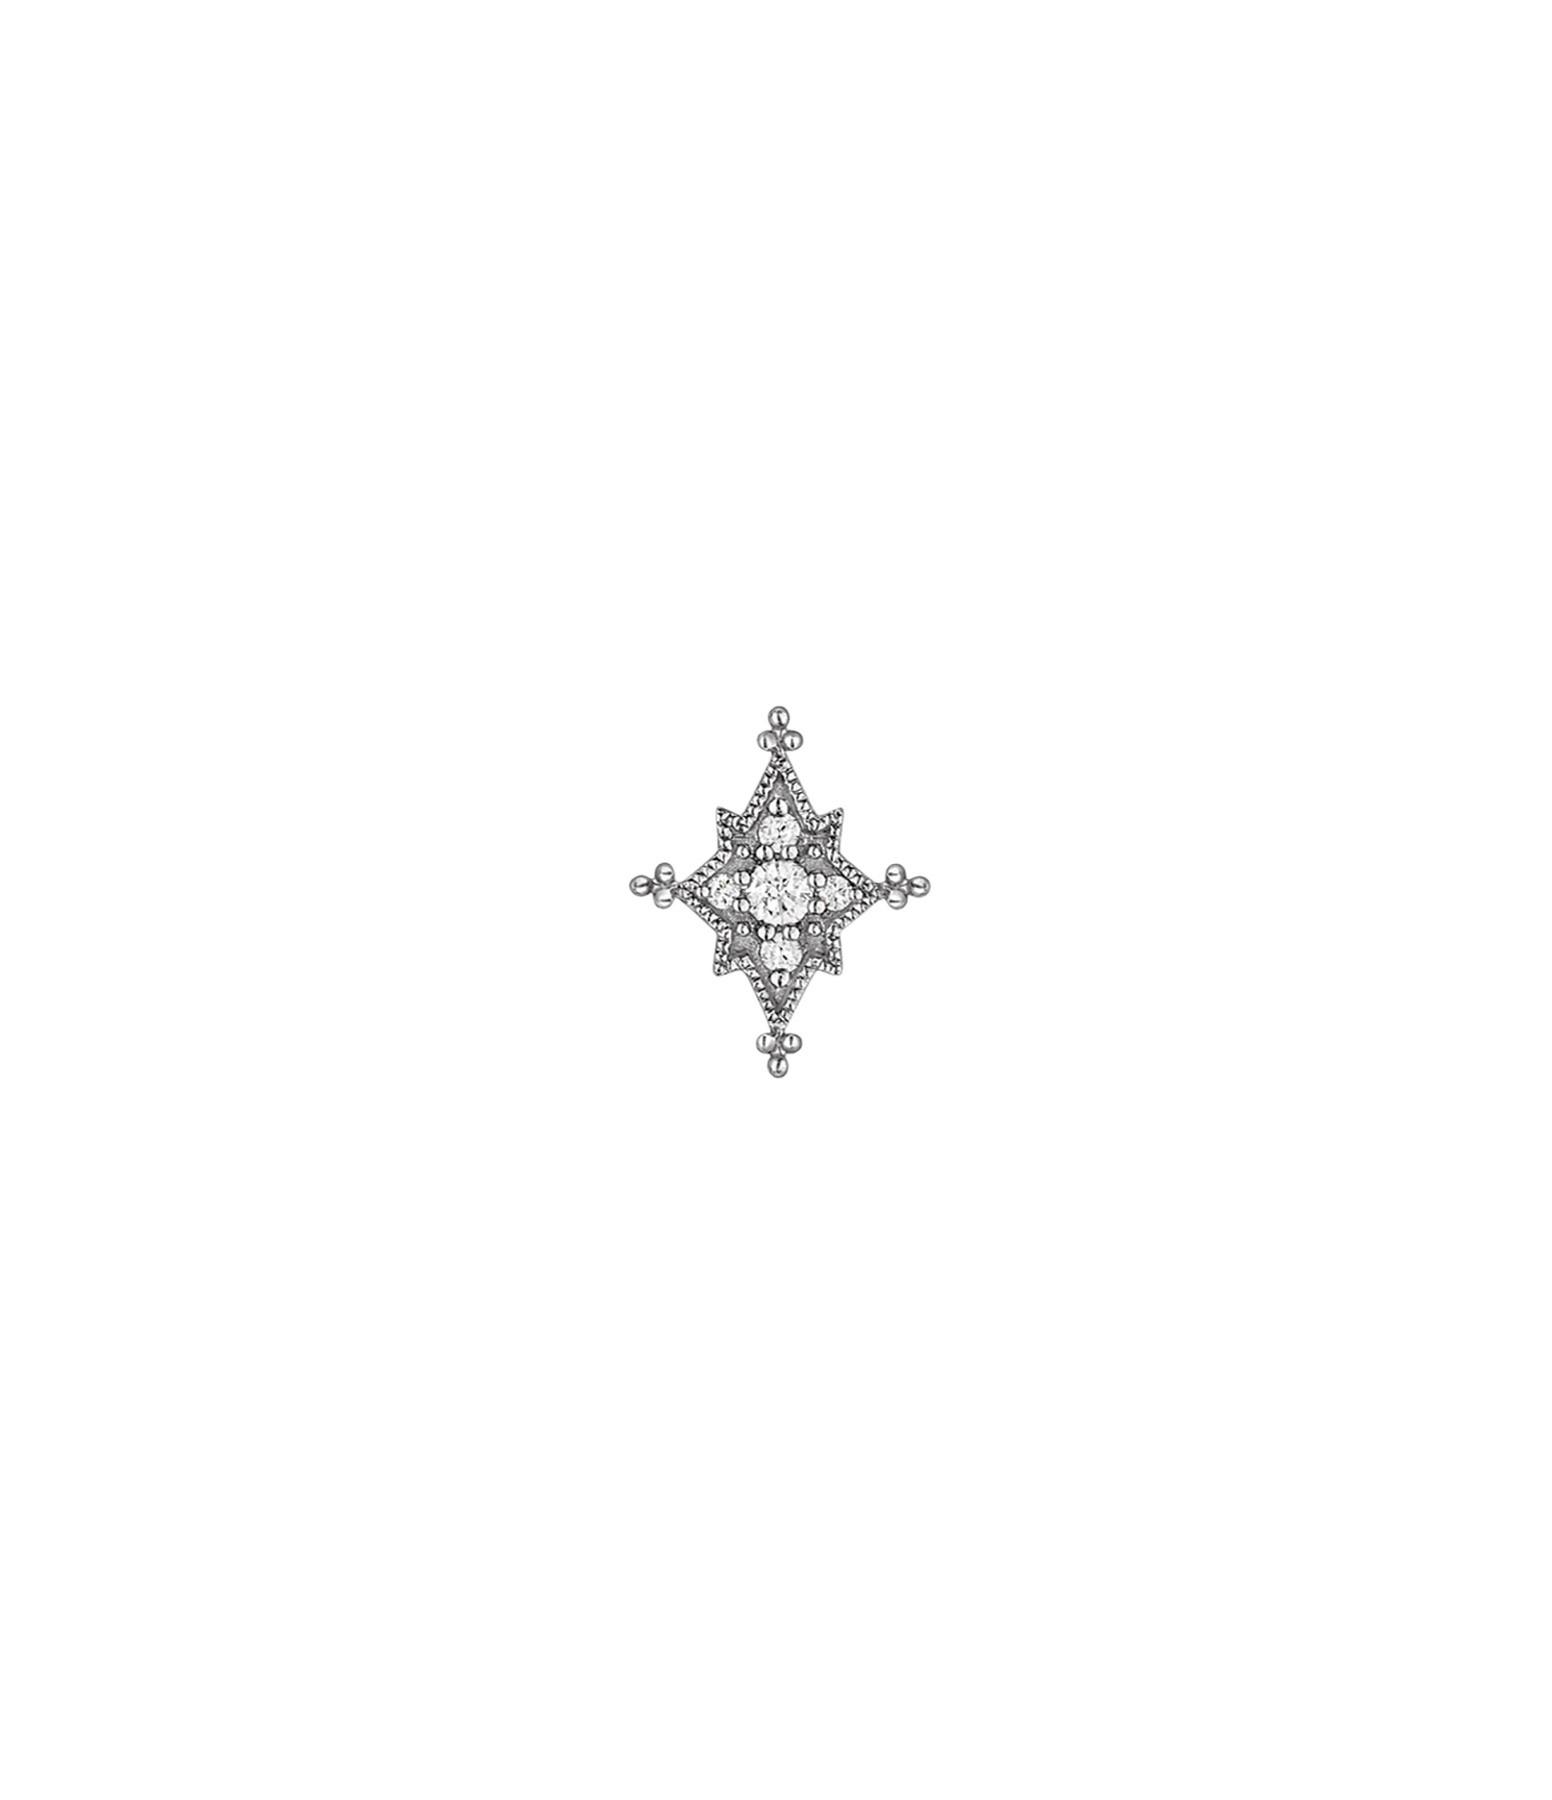 STONE PARIS - Boucle d'oreille Bouton Stella Diamants Or Noir